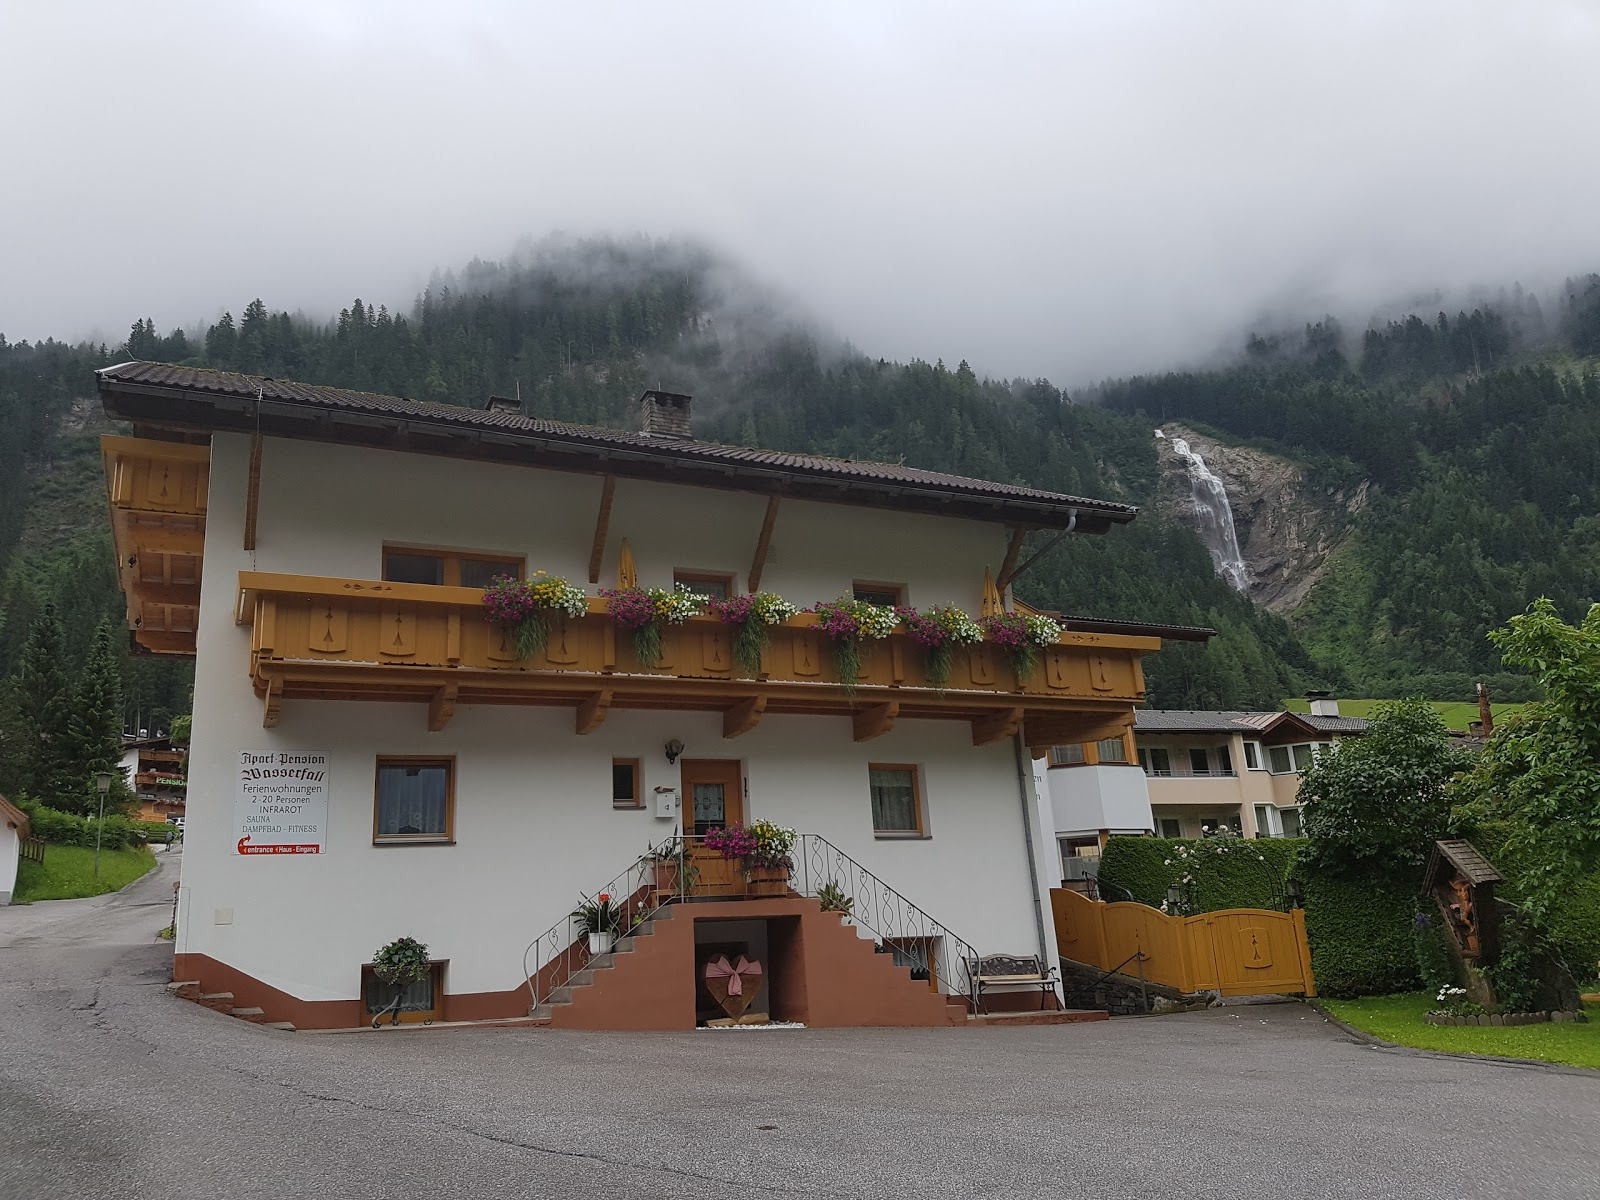 Frühstückspension Haus am Wasserfall Map Stubaier